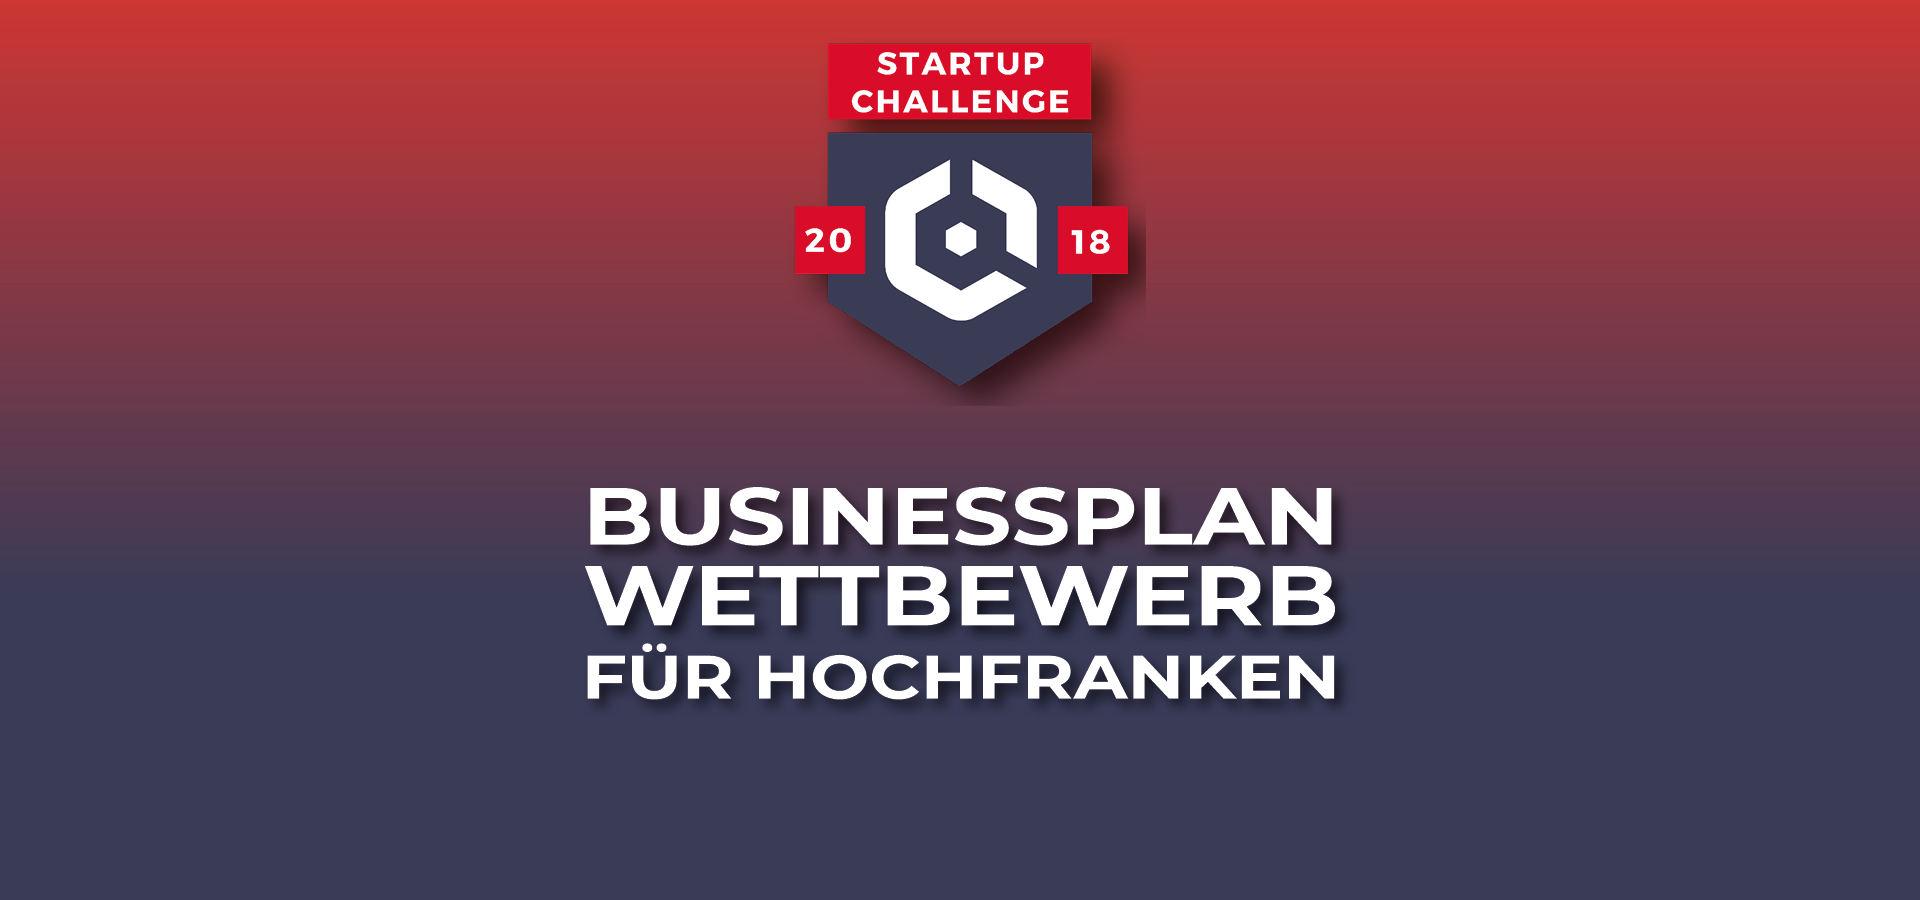 STARTUP CHALLENGE 2018 - DER BUSINESSPLAN-WETTBEWERB FÜR HOCHFRANKEN